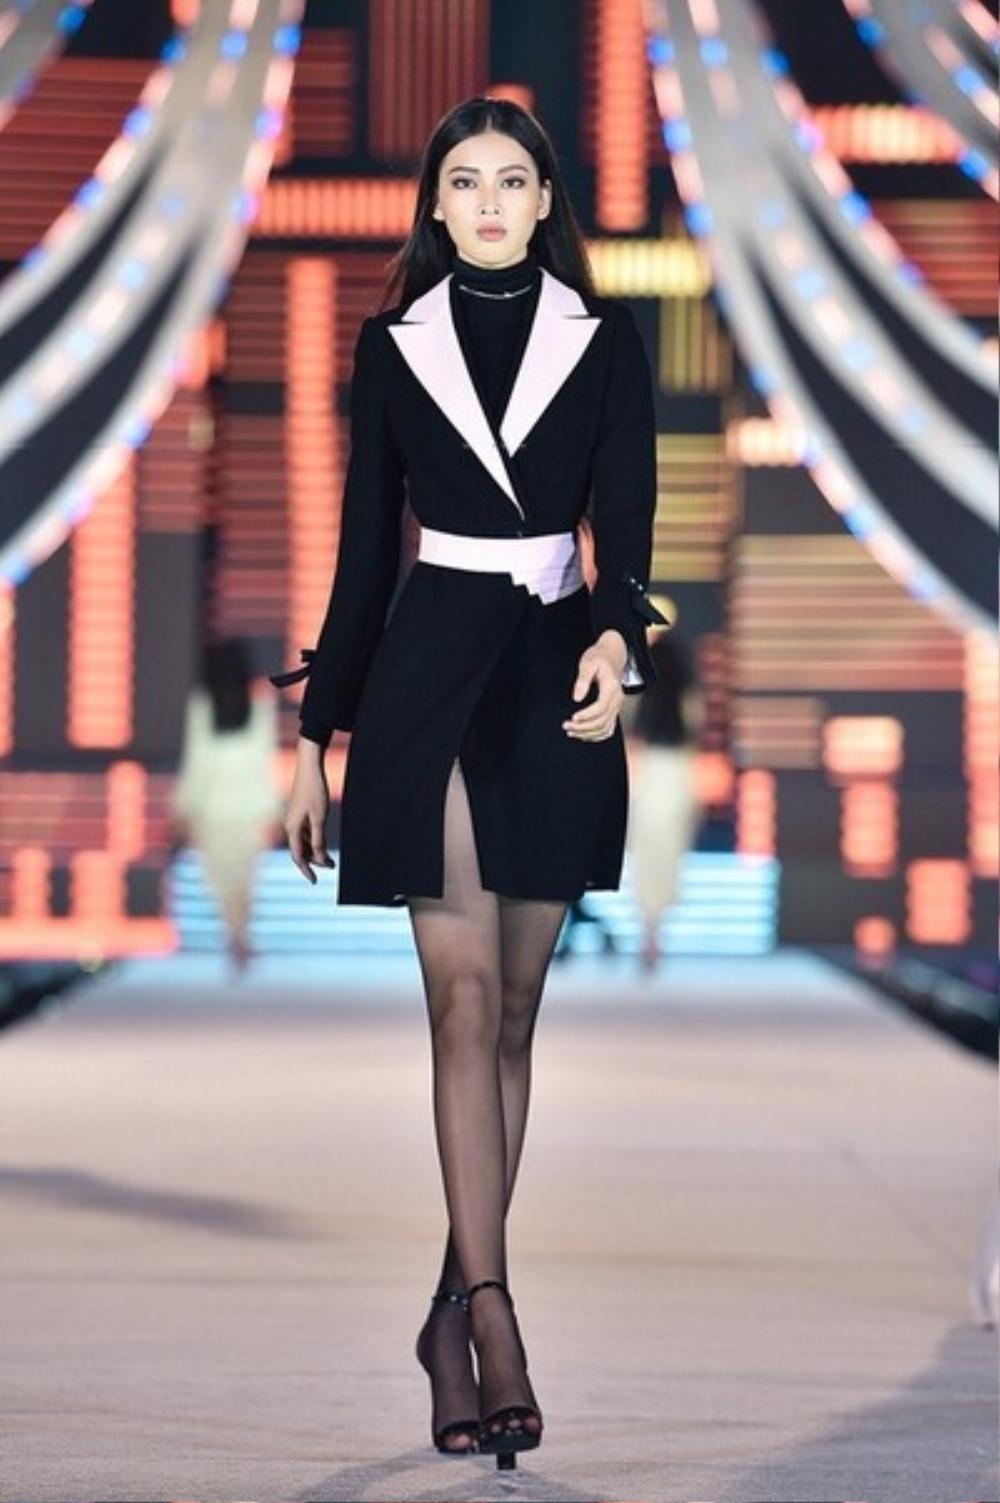 Á hậu 2 Hoa hậu Việt Nam 2020 Ngọc Thảo chuộng váy siêu ngắn khoe đôi chân 1m11 Ảnh 2